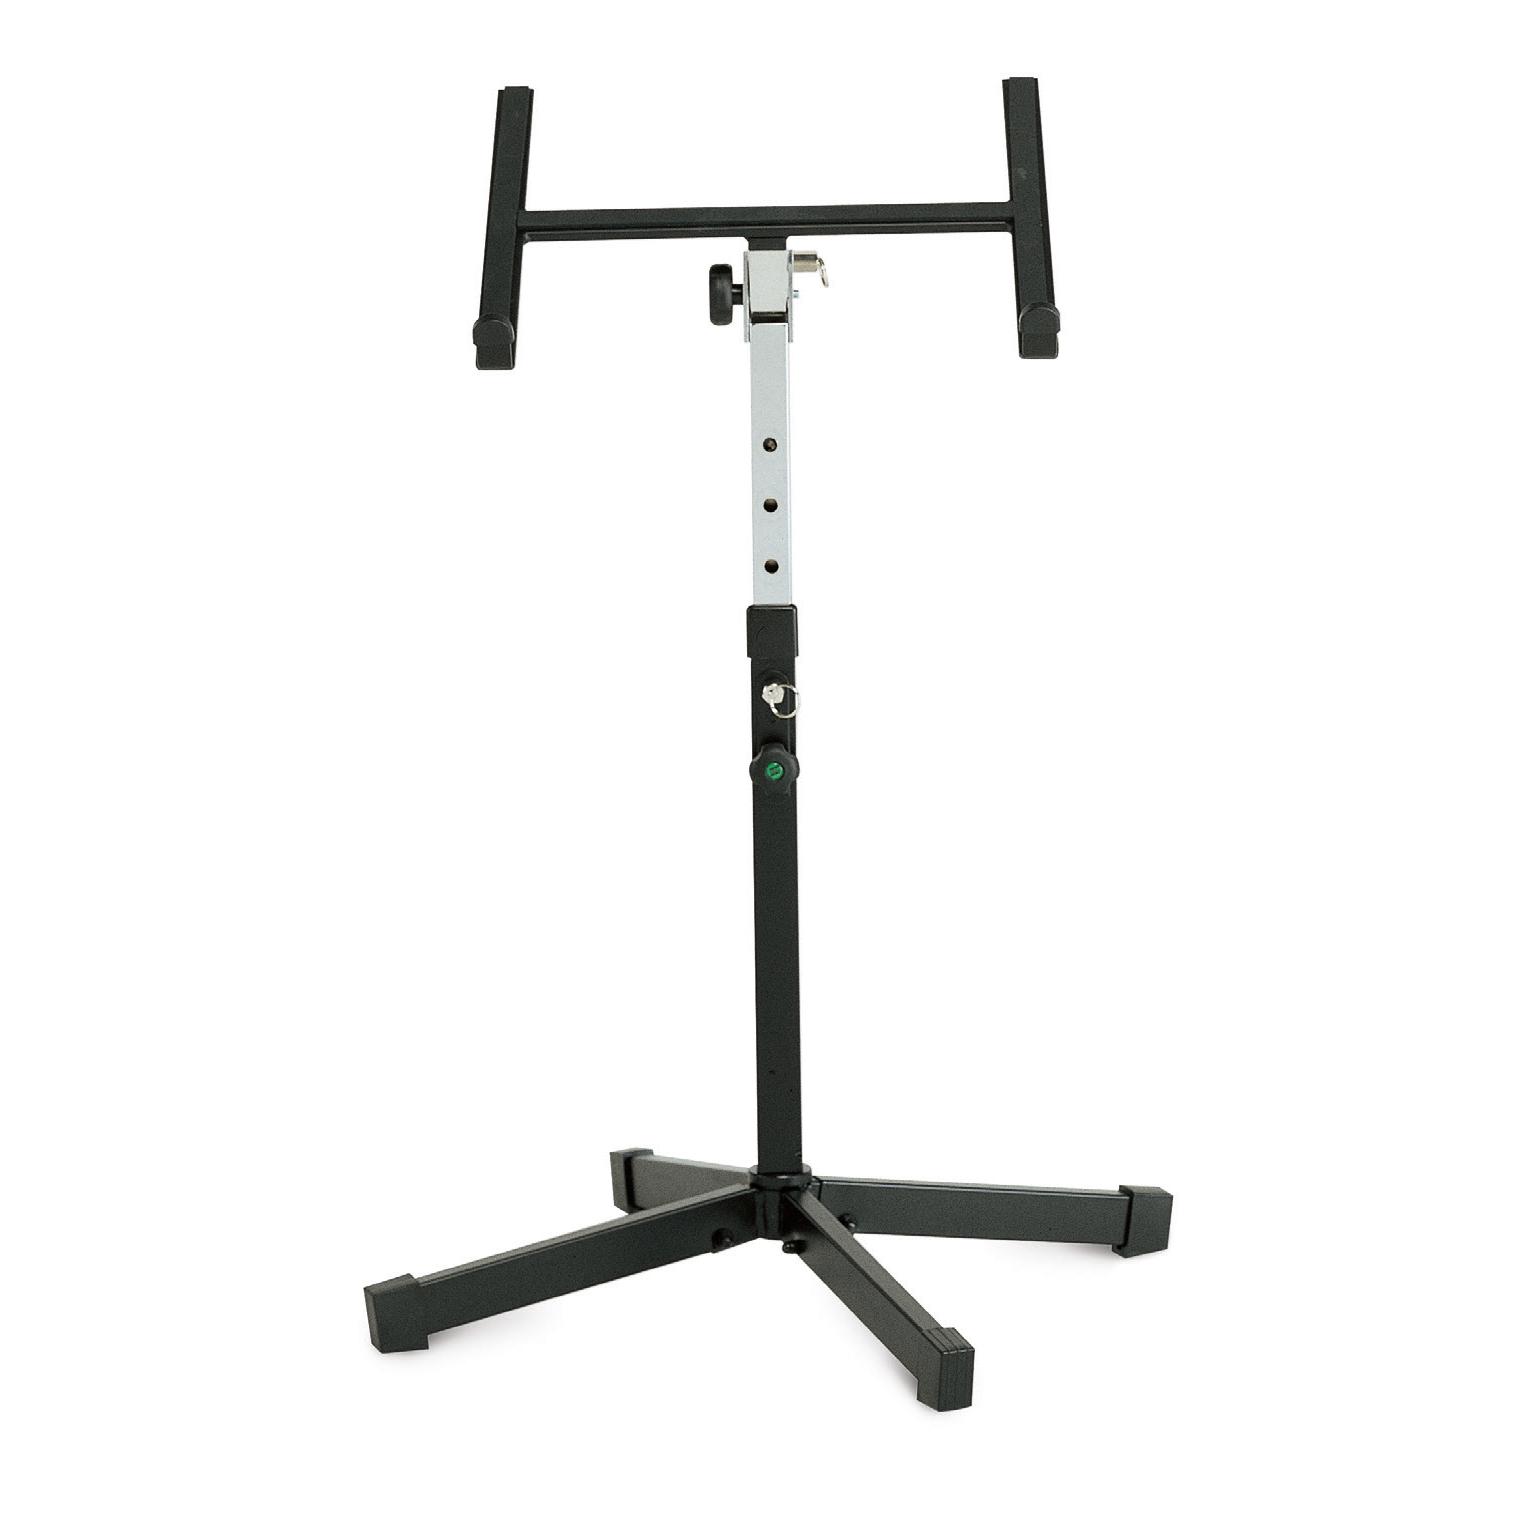 Euromet 01806 | Multi-purpose stand, adjustable, Black